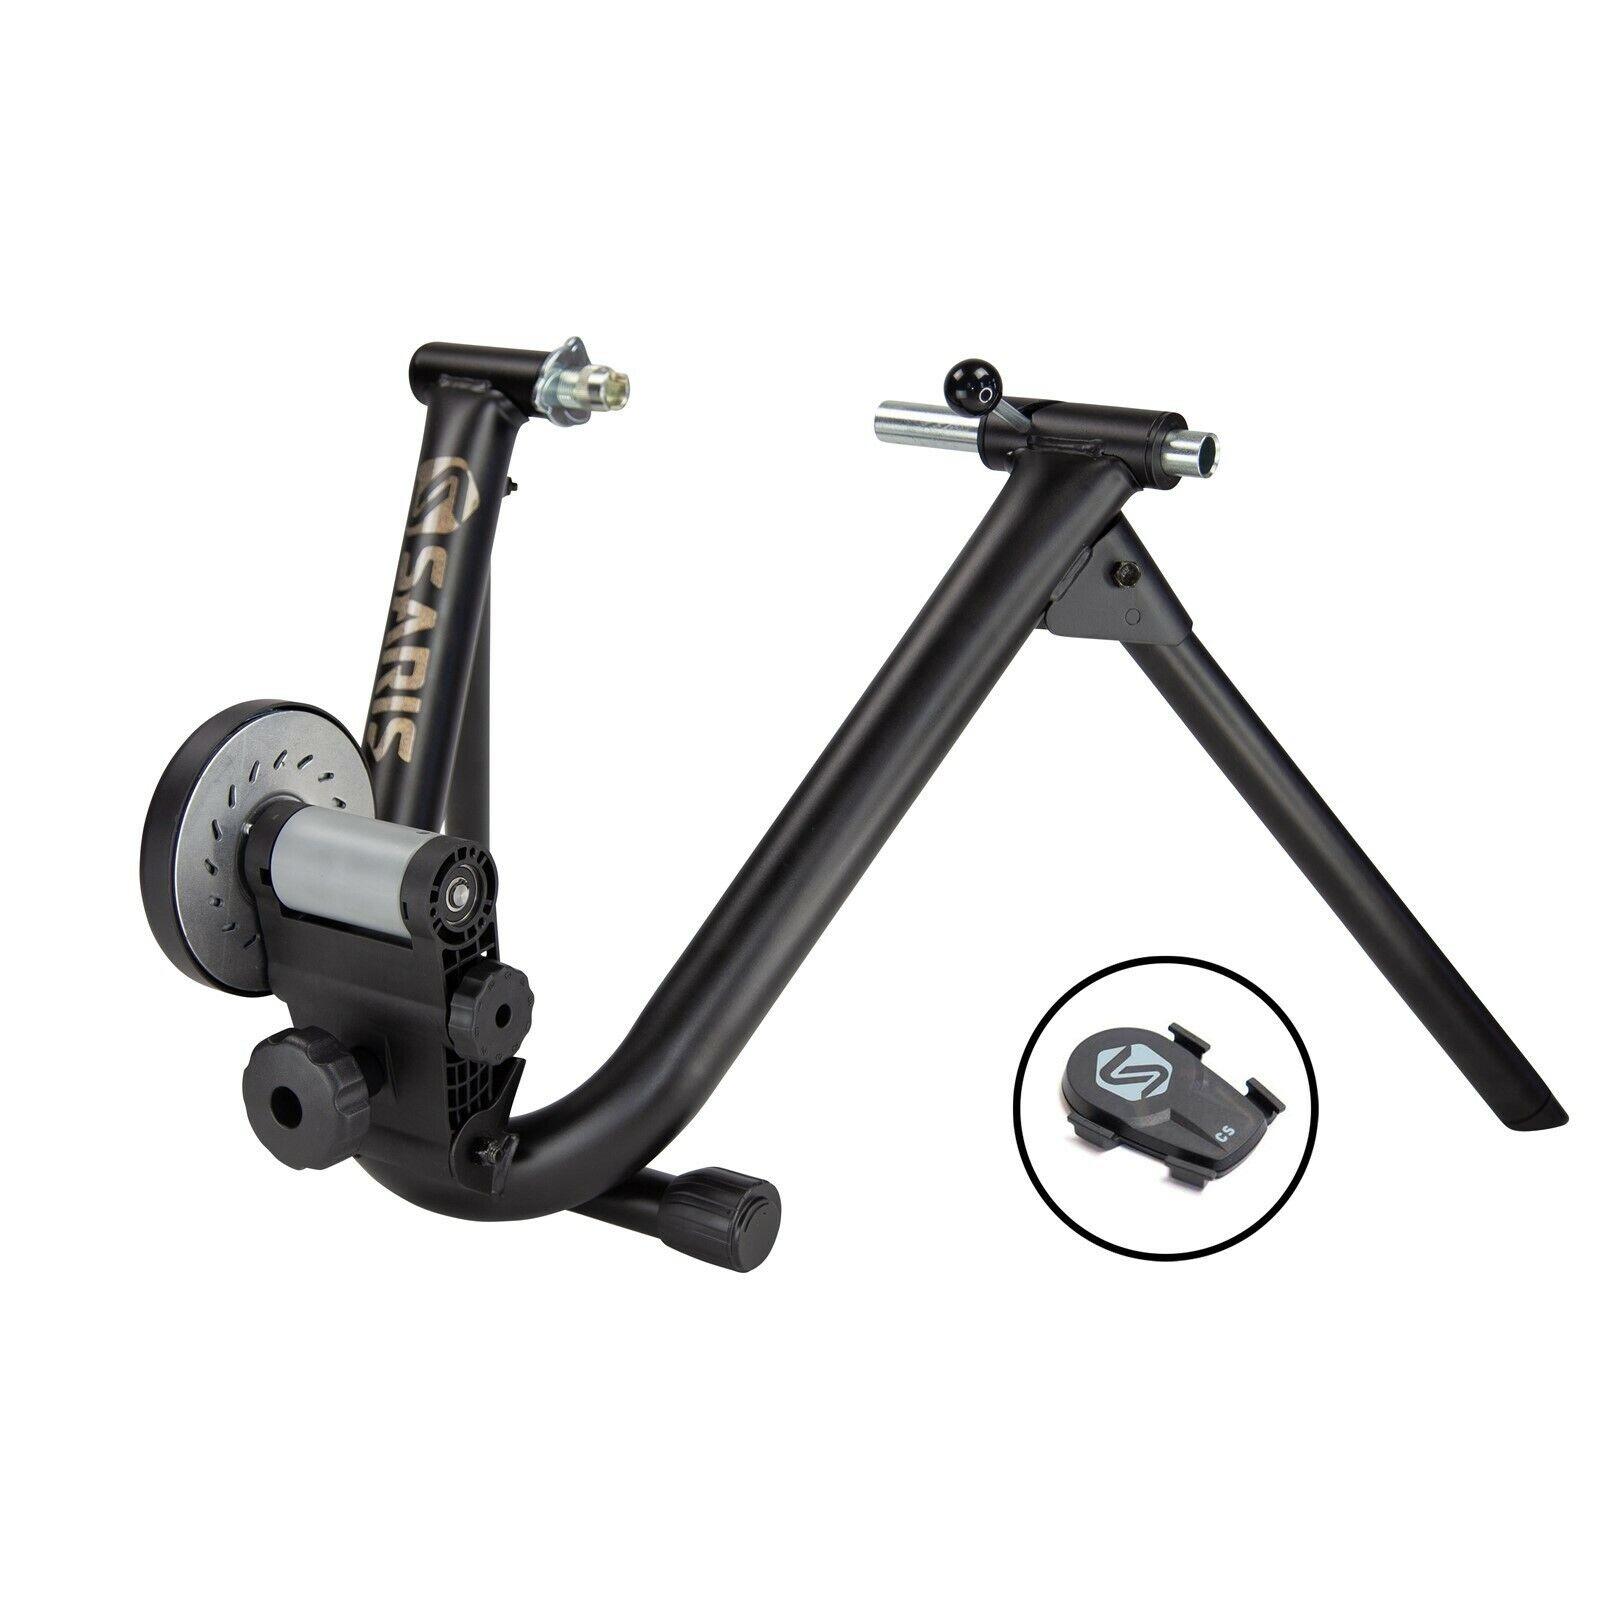 Saris Mag Smart Equipped Rear Bike Wheel Mounted Bicycle Tra